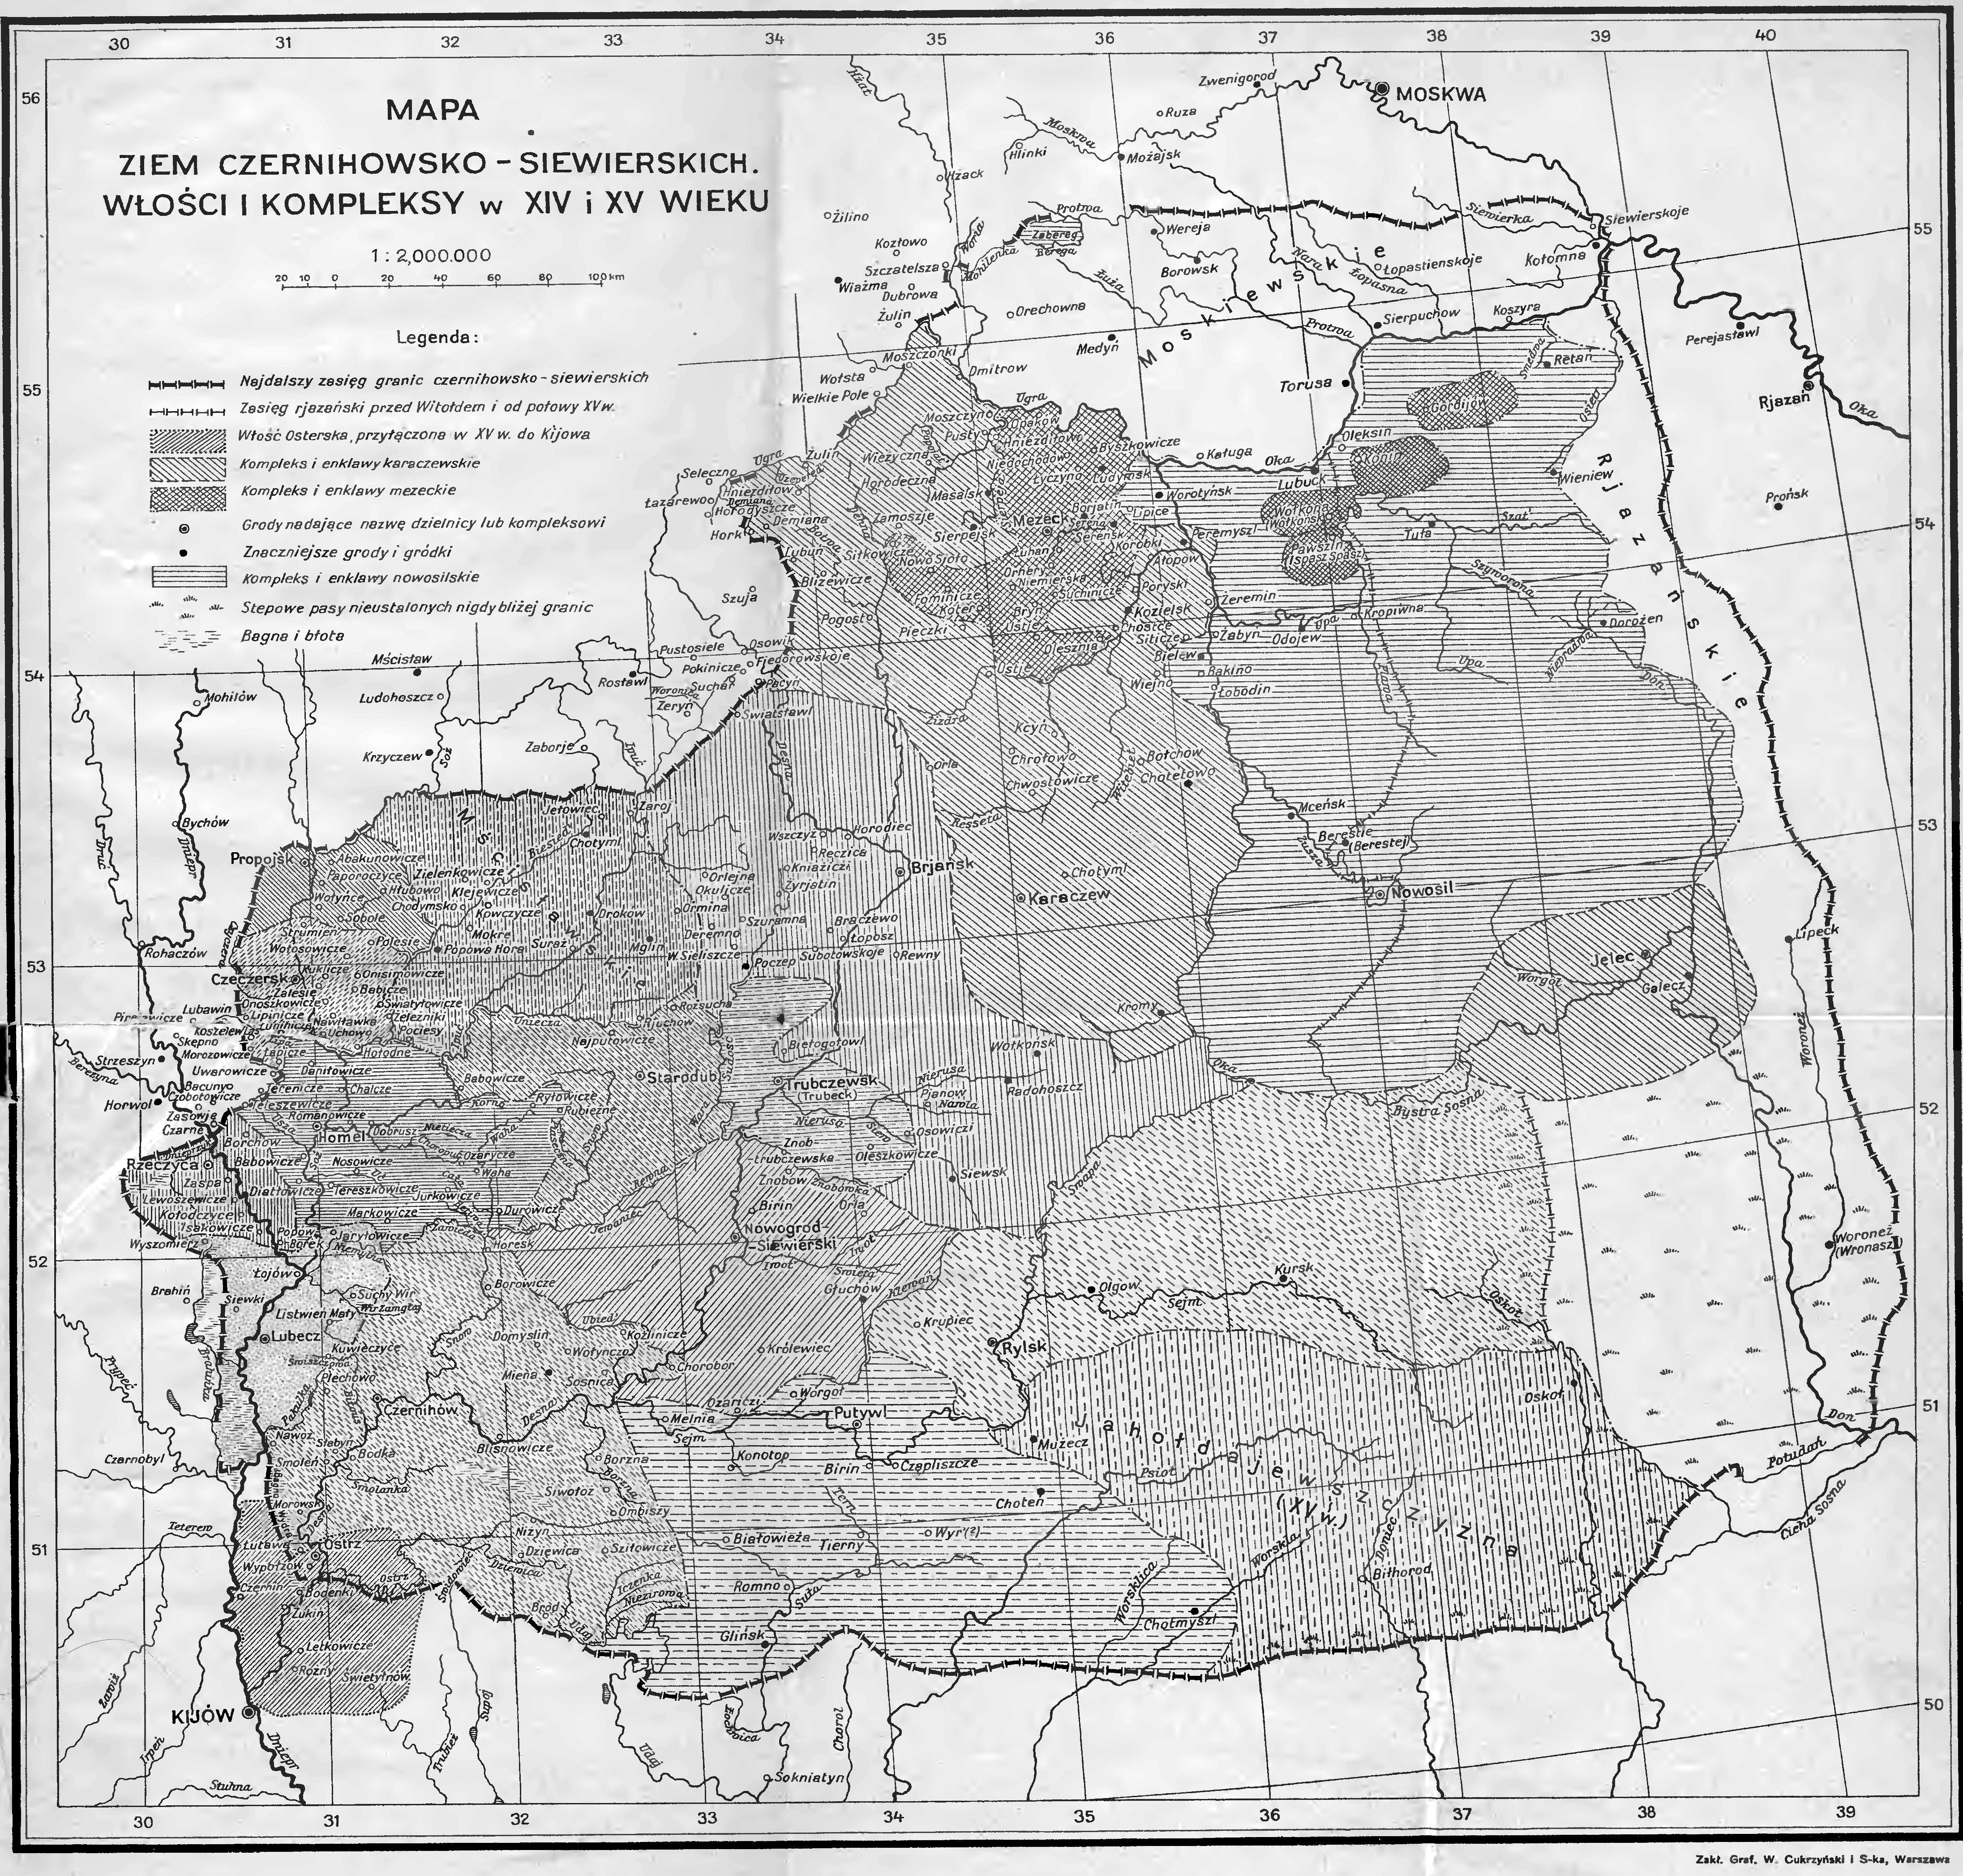 Ziemie_Czernihowsko-Siewierskie_w_XV_wieku.jpg